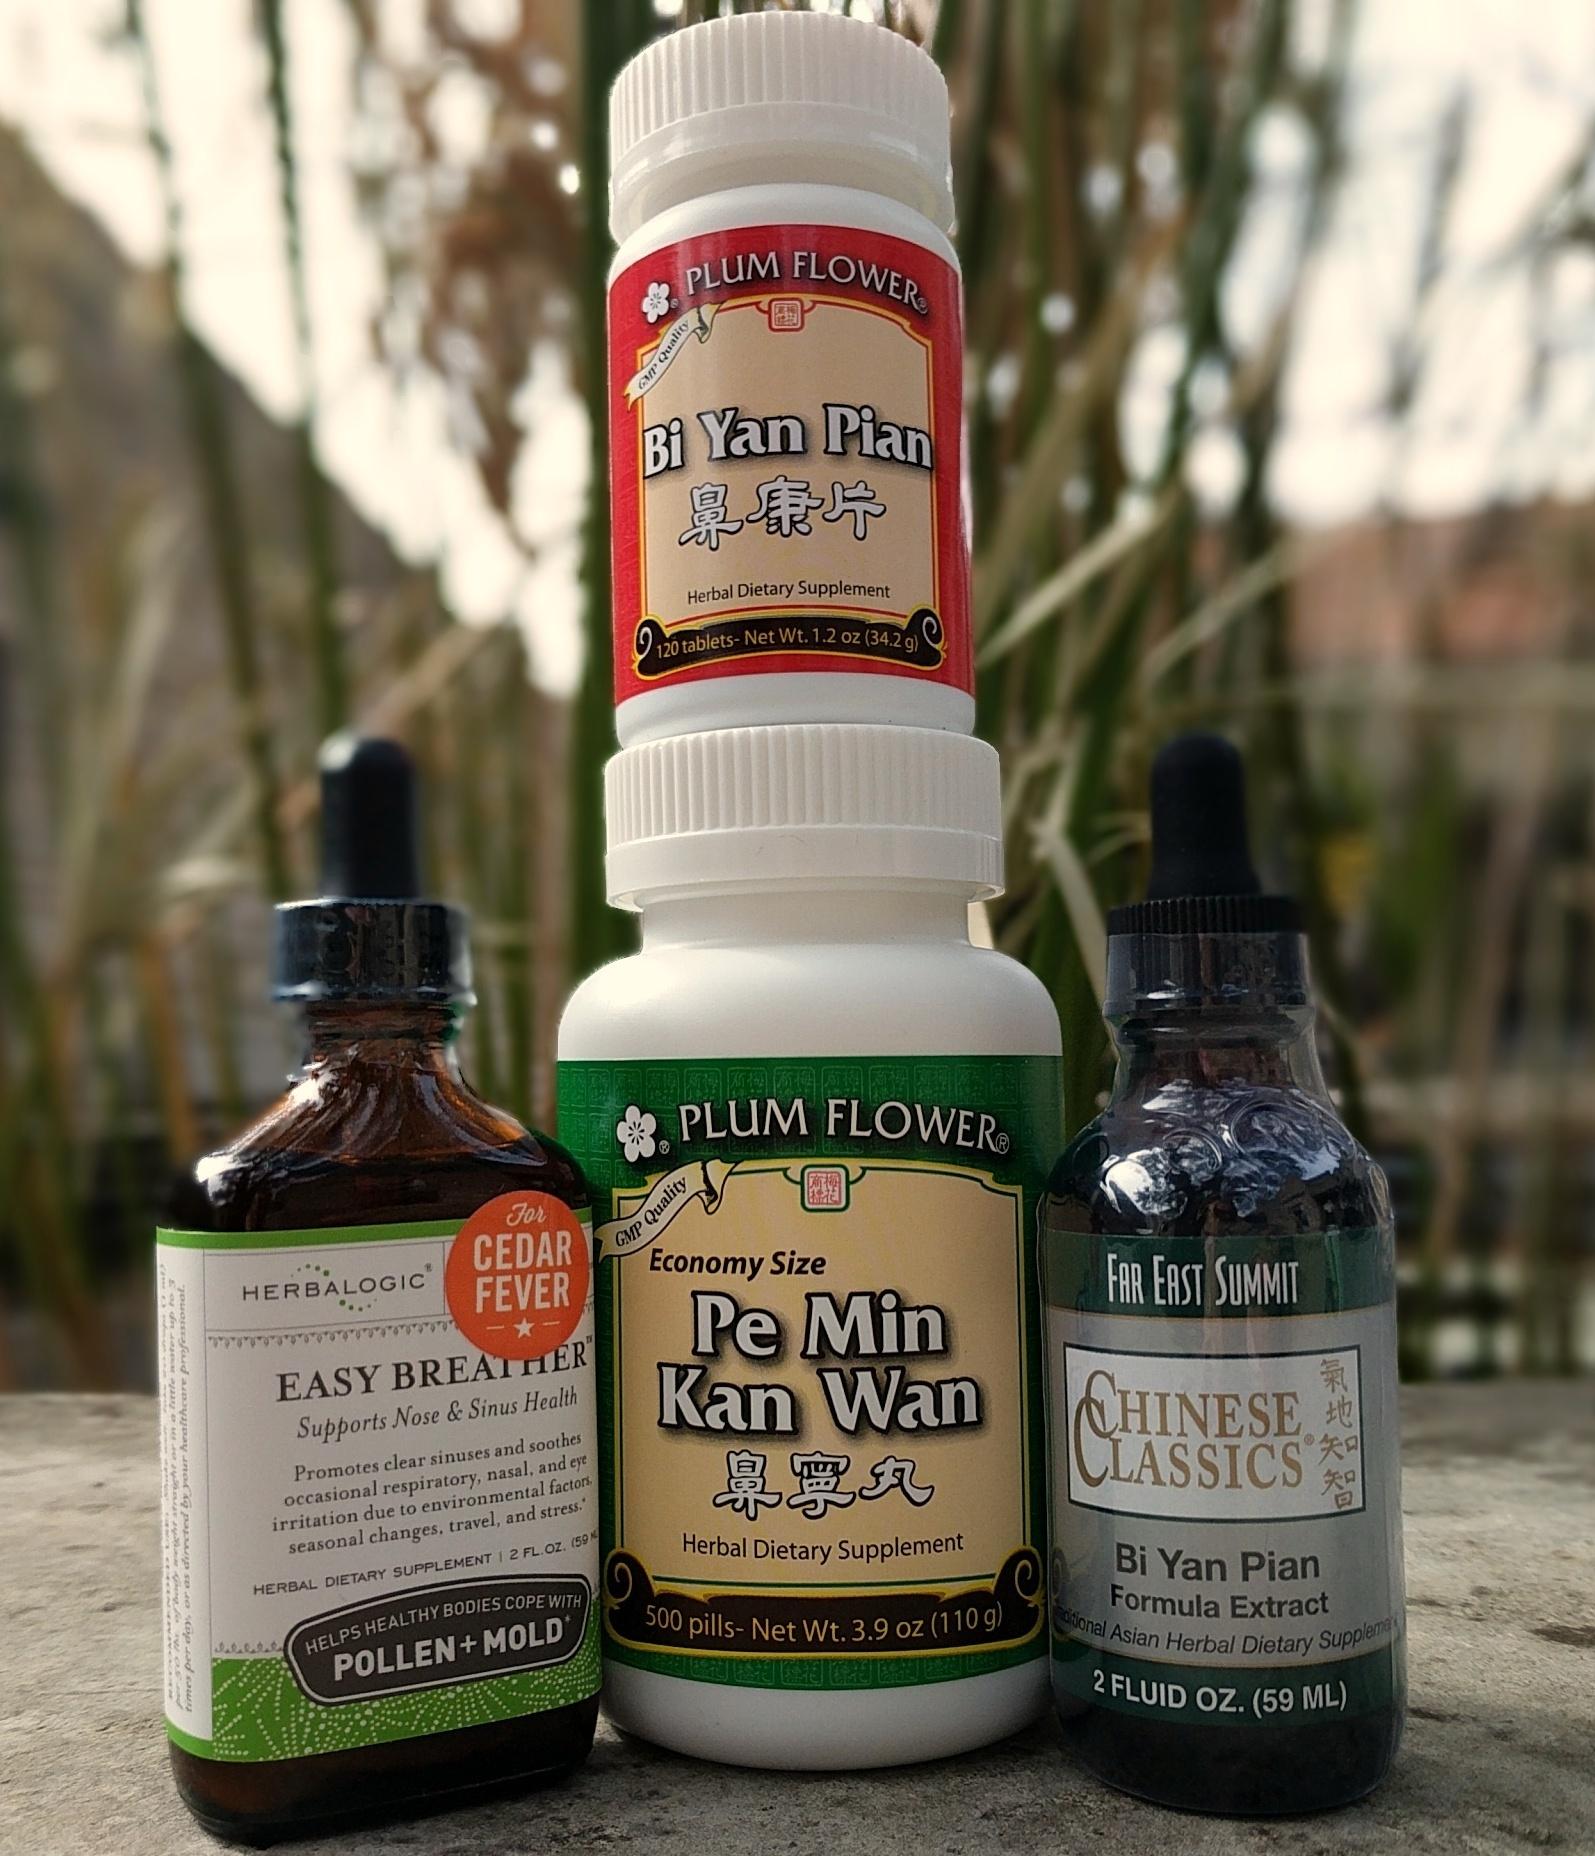 Cedar fever herbs_Jan 18 newsletter-2.jpg